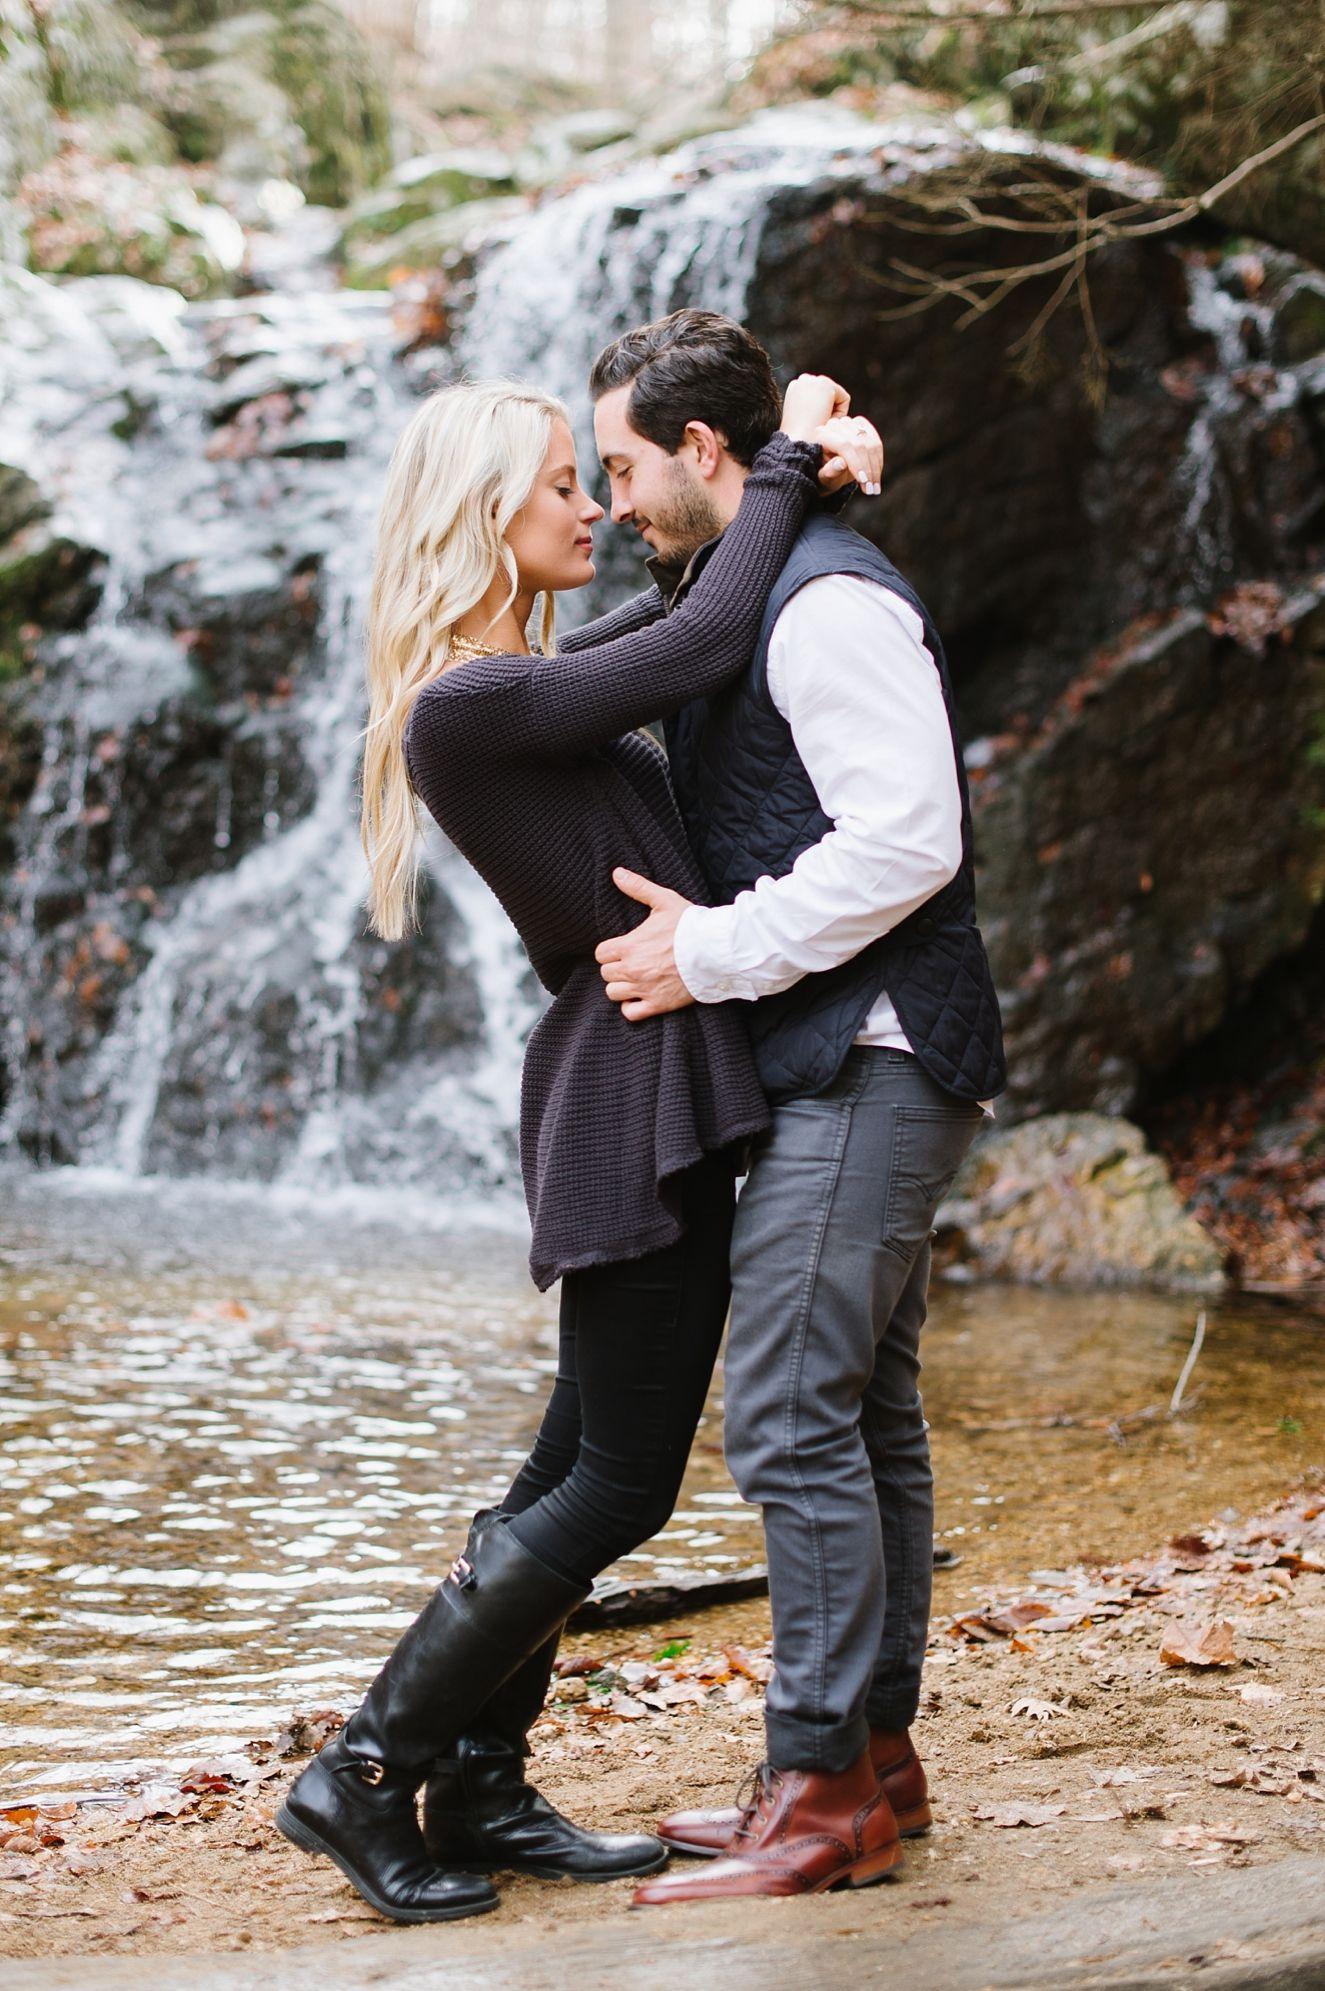 86 Couples: Facing Each Other ideas | couples, couple photos, face